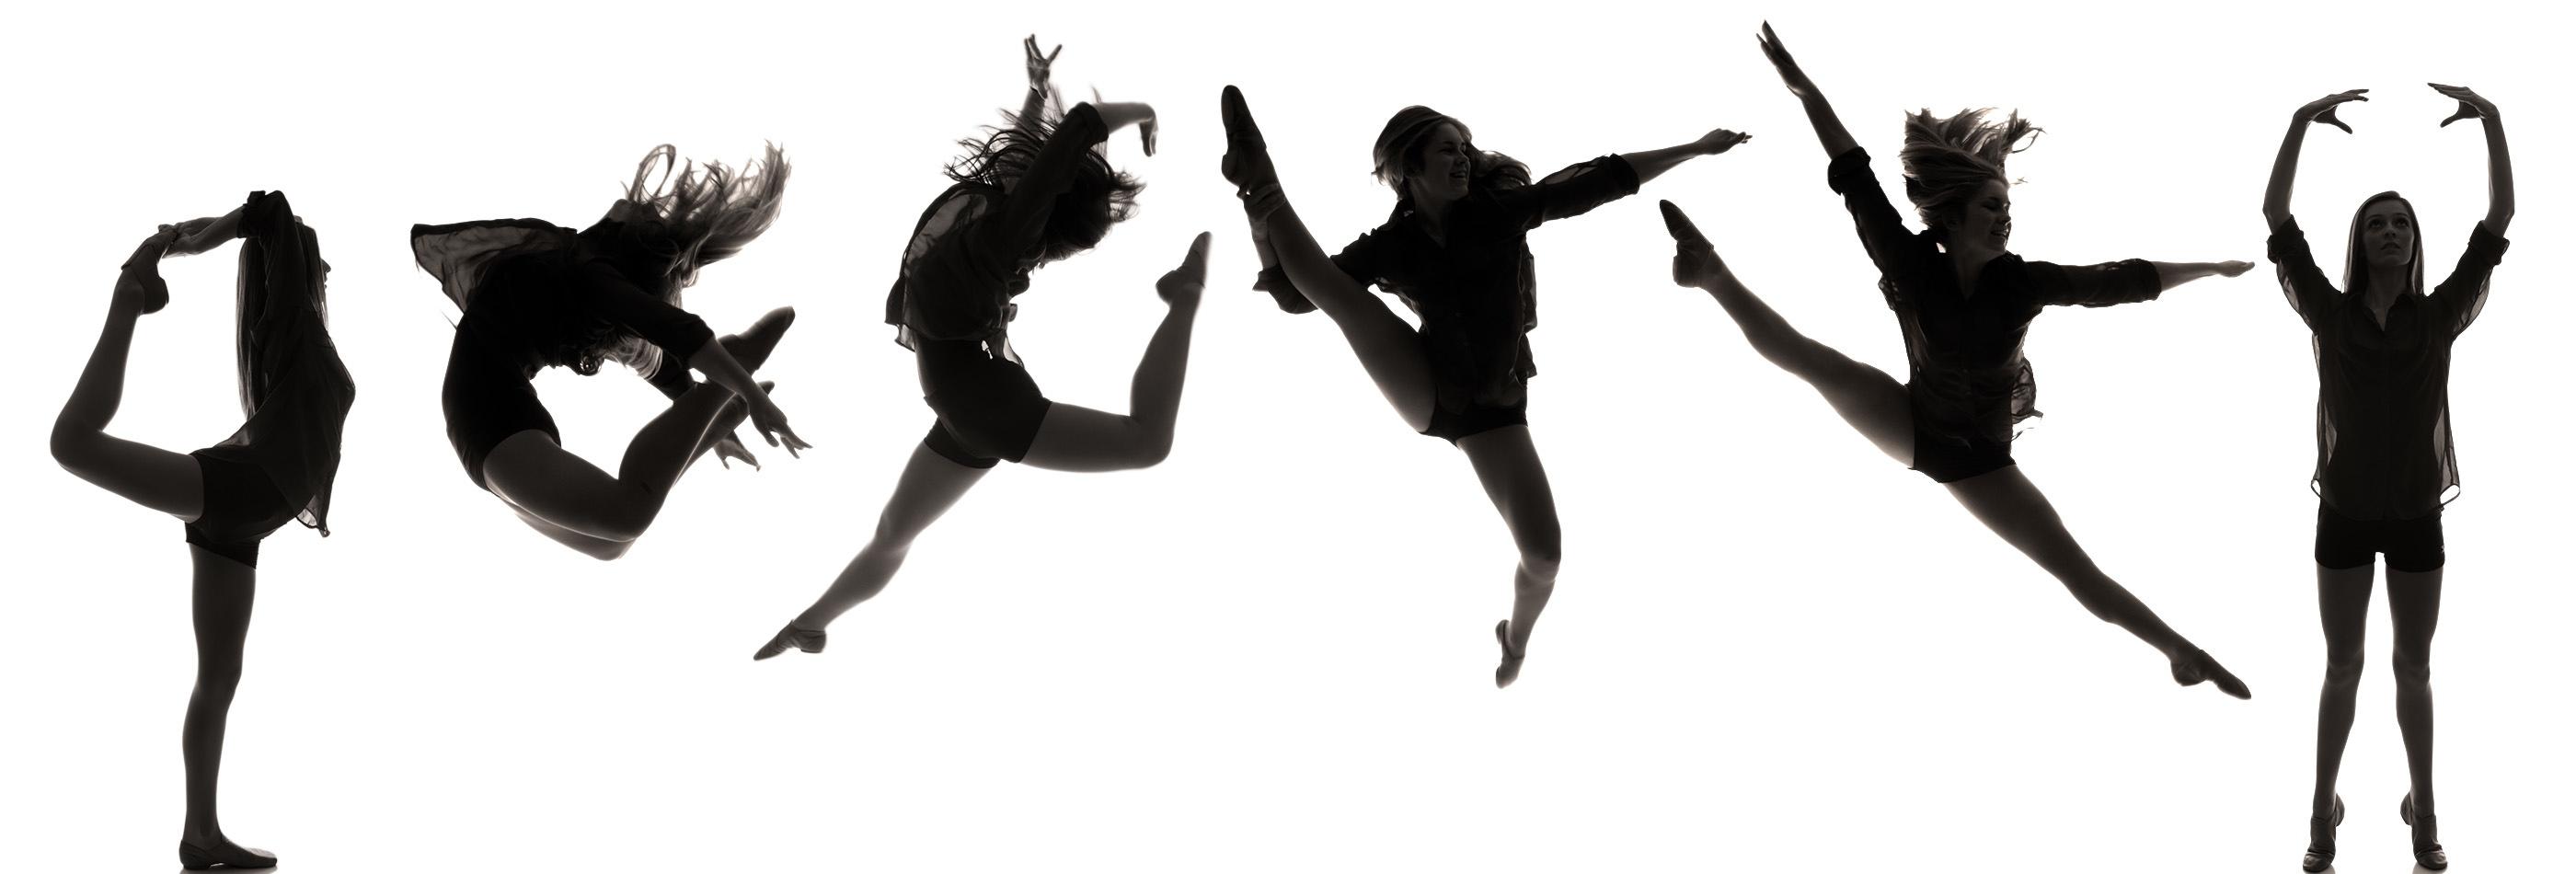 Go team dance team clipart